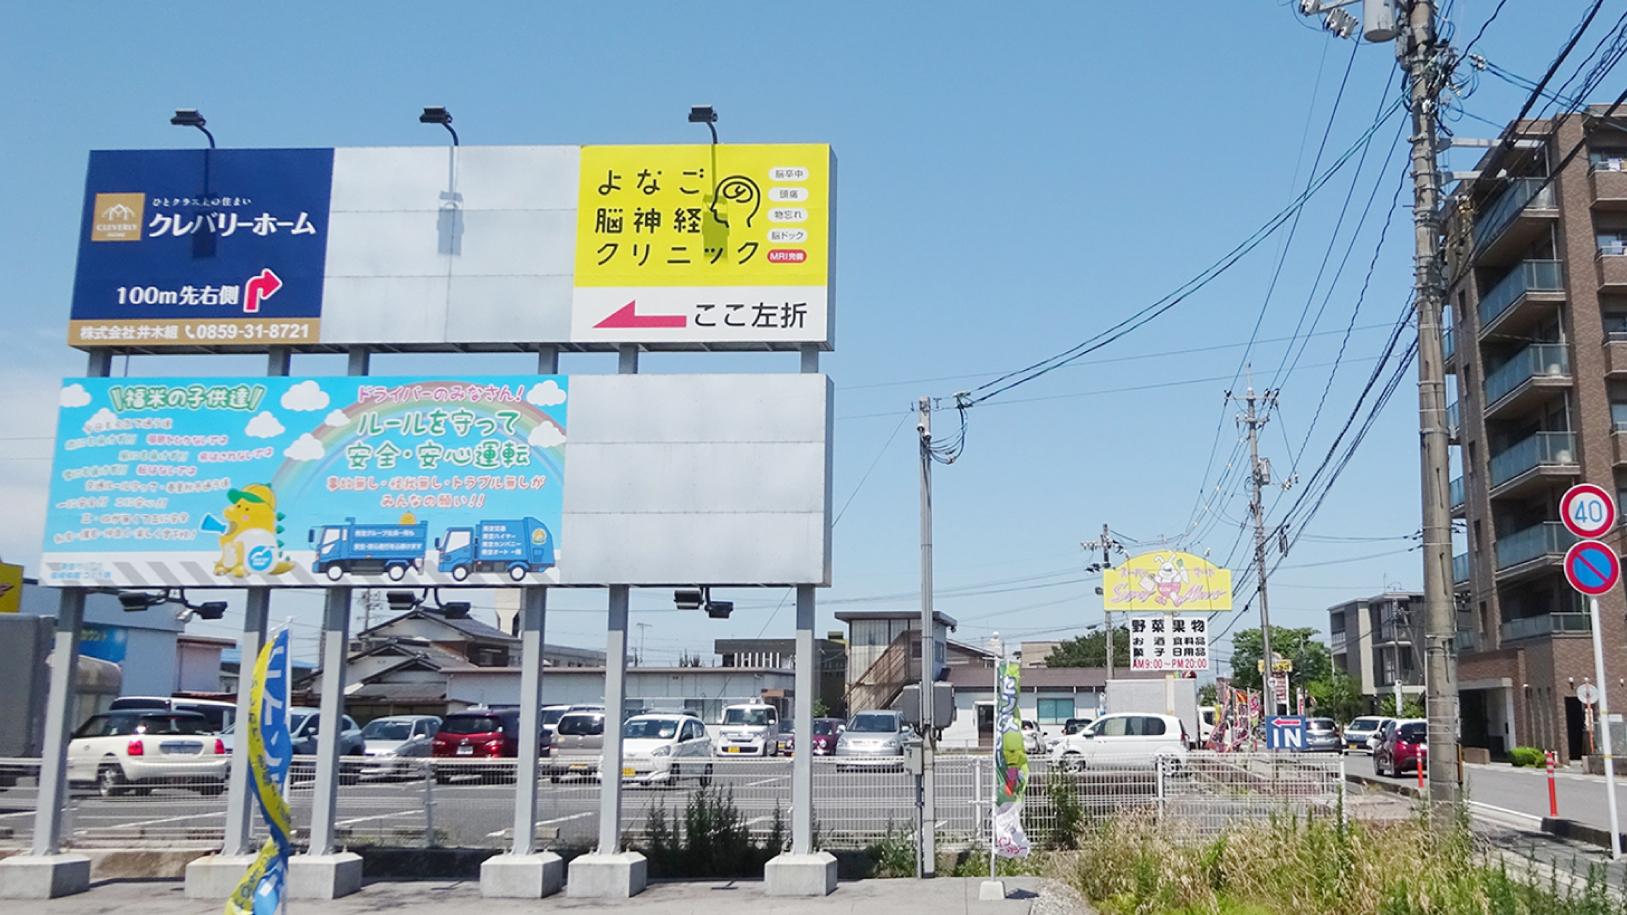 米子市東福原6丁目(センスらんどりー横)